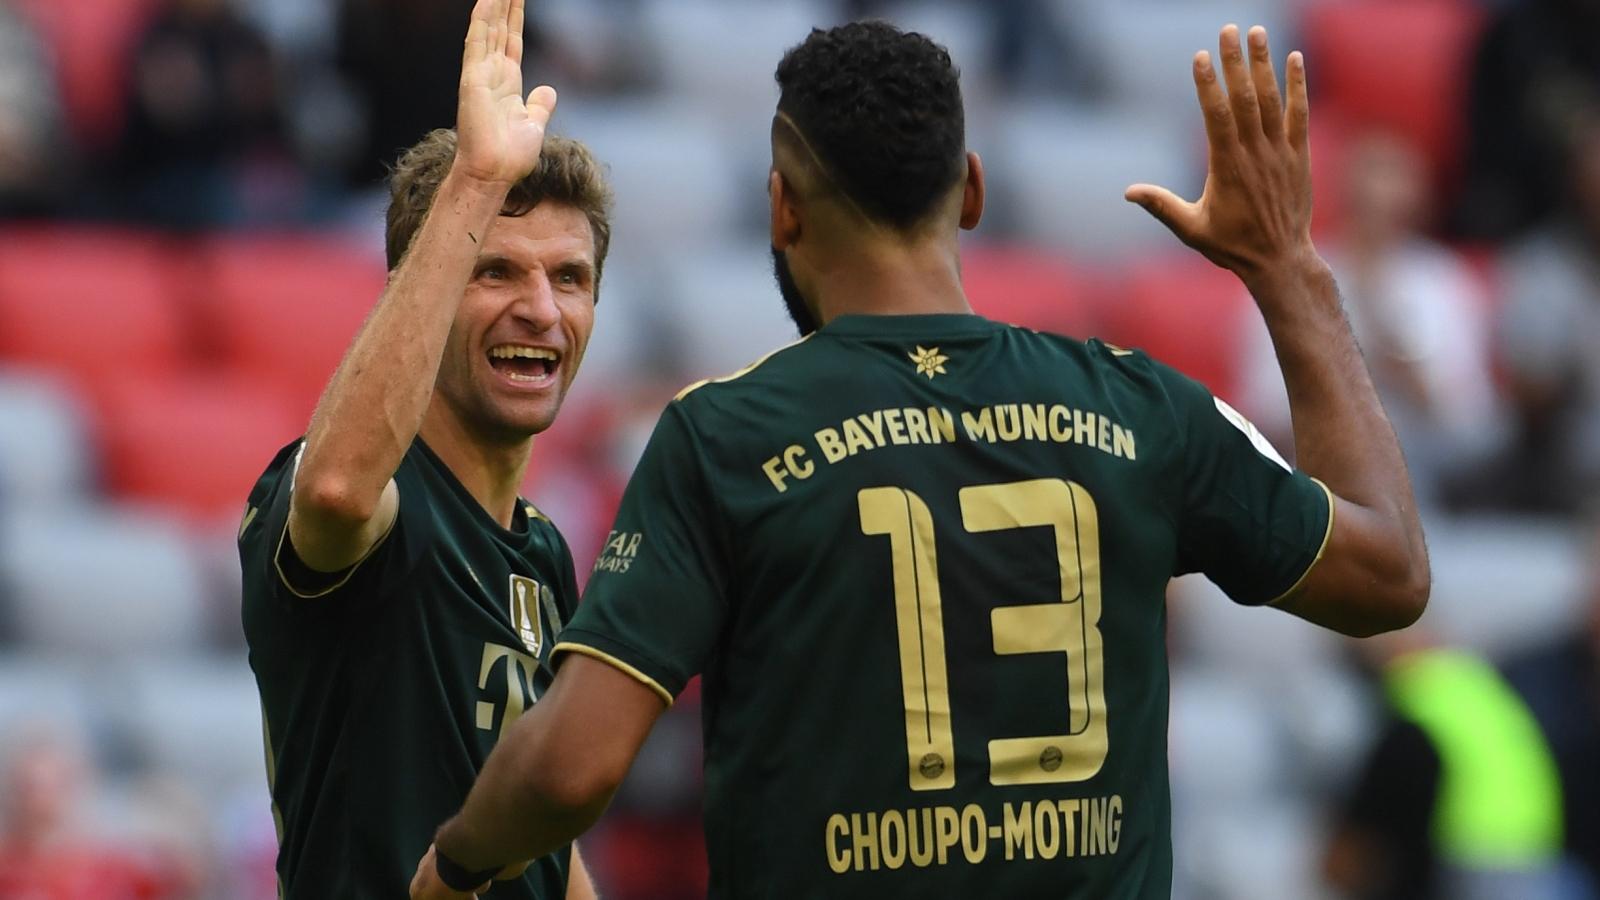 Nã 7 bàn vào lưới Bochum, Bayern Munich vượt lên dẫn đầu Bundesliga